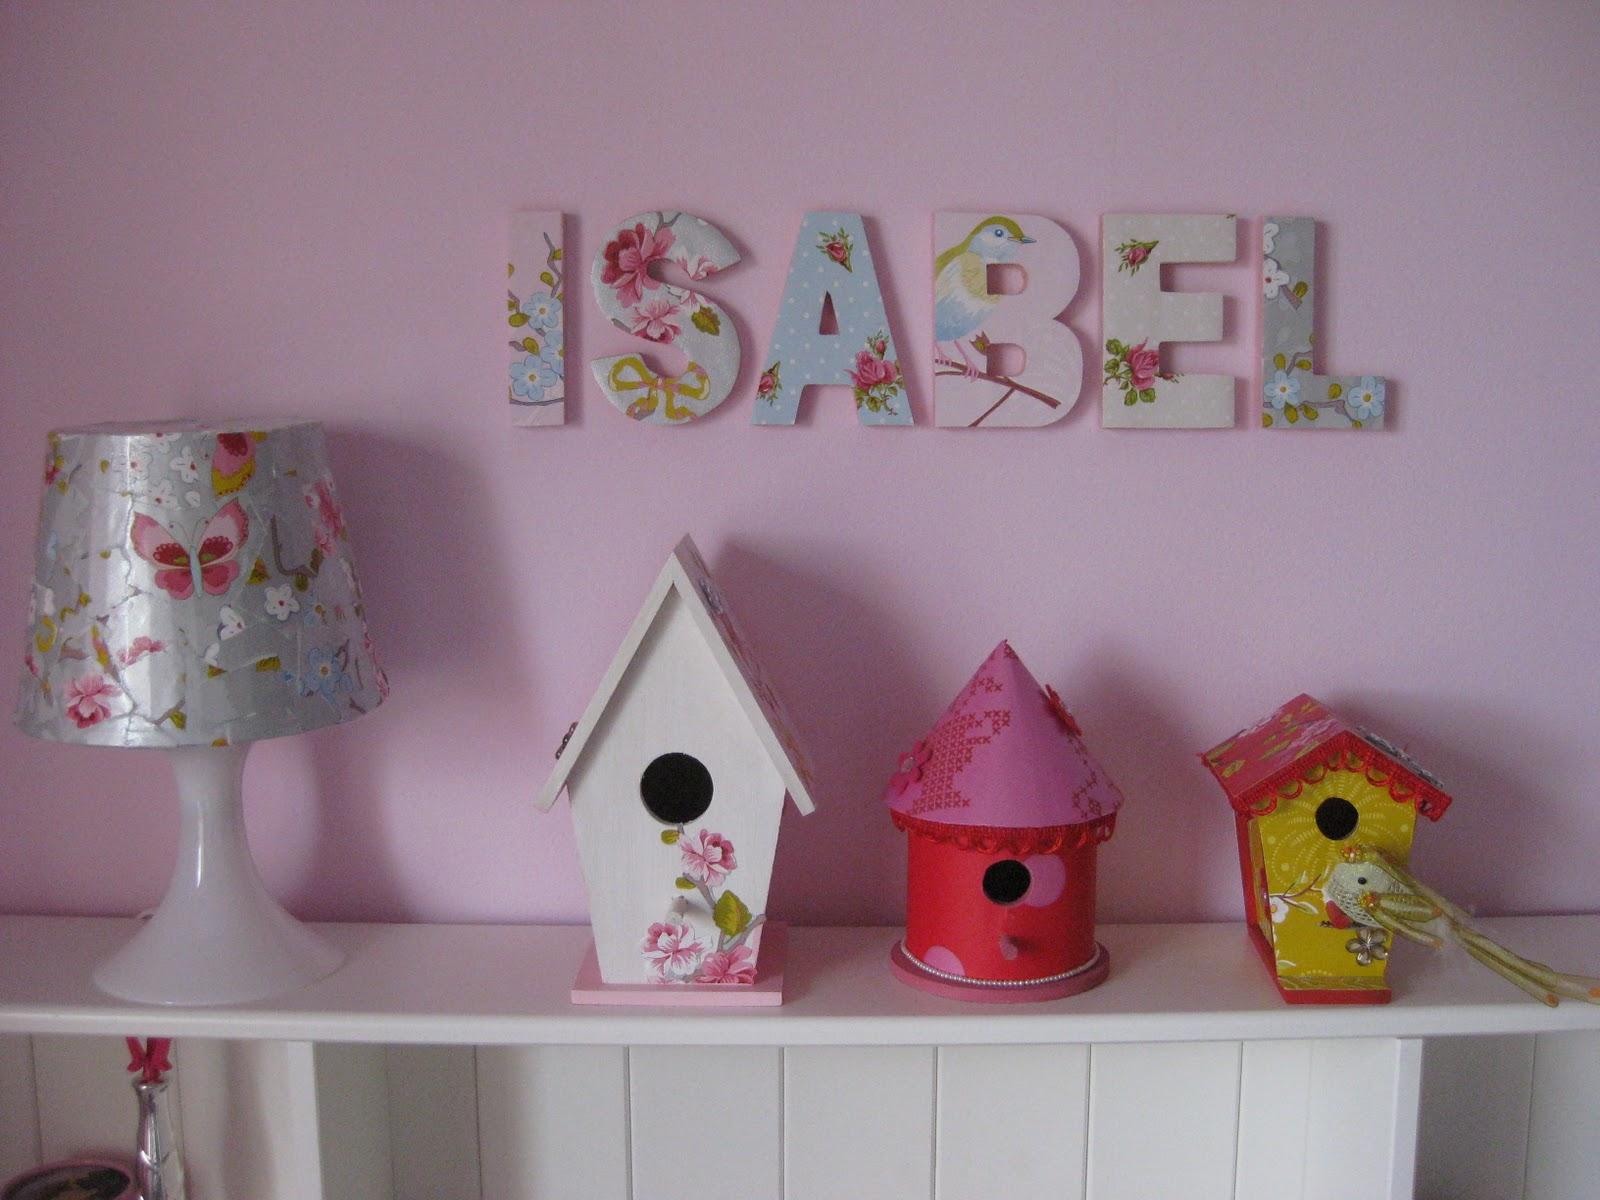 Kinderkamer Behang Vogelhuisjes : Pictures of flowers behang pip slaapkamer pictures of flowers